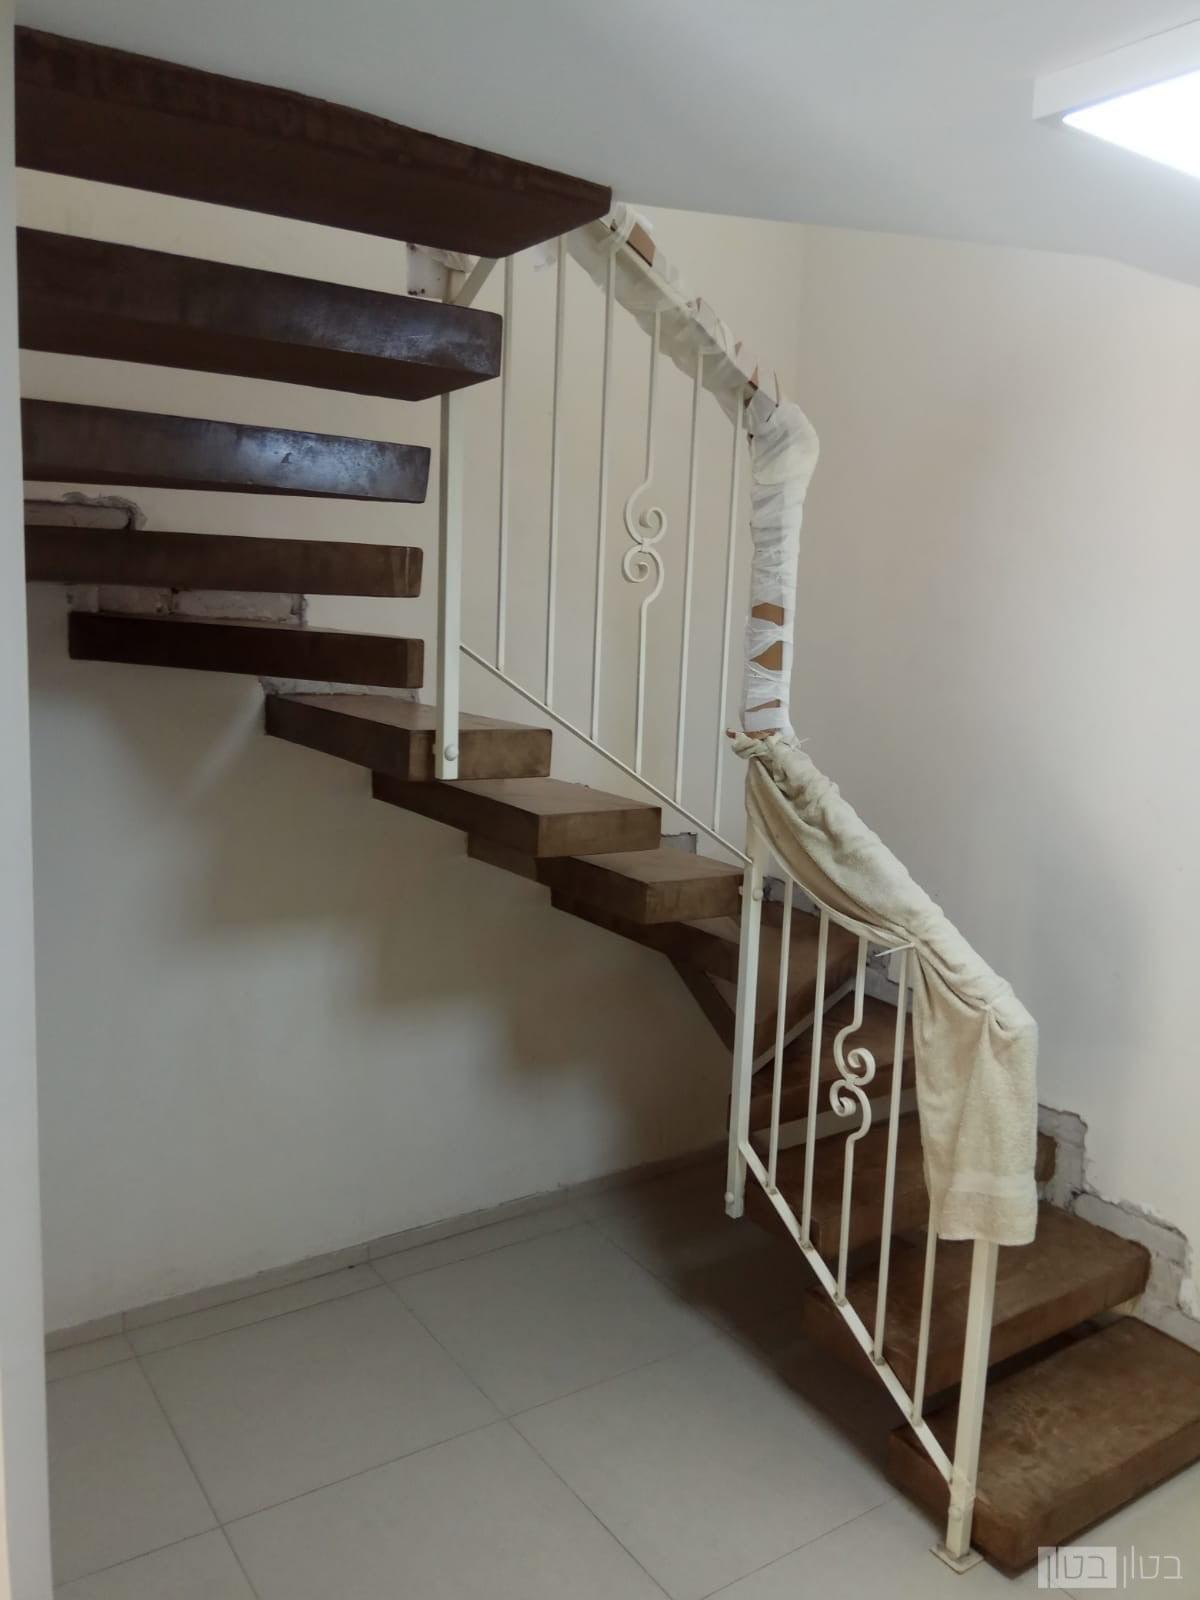 שכבת דקה של בטון בגוון חום על מדרגות